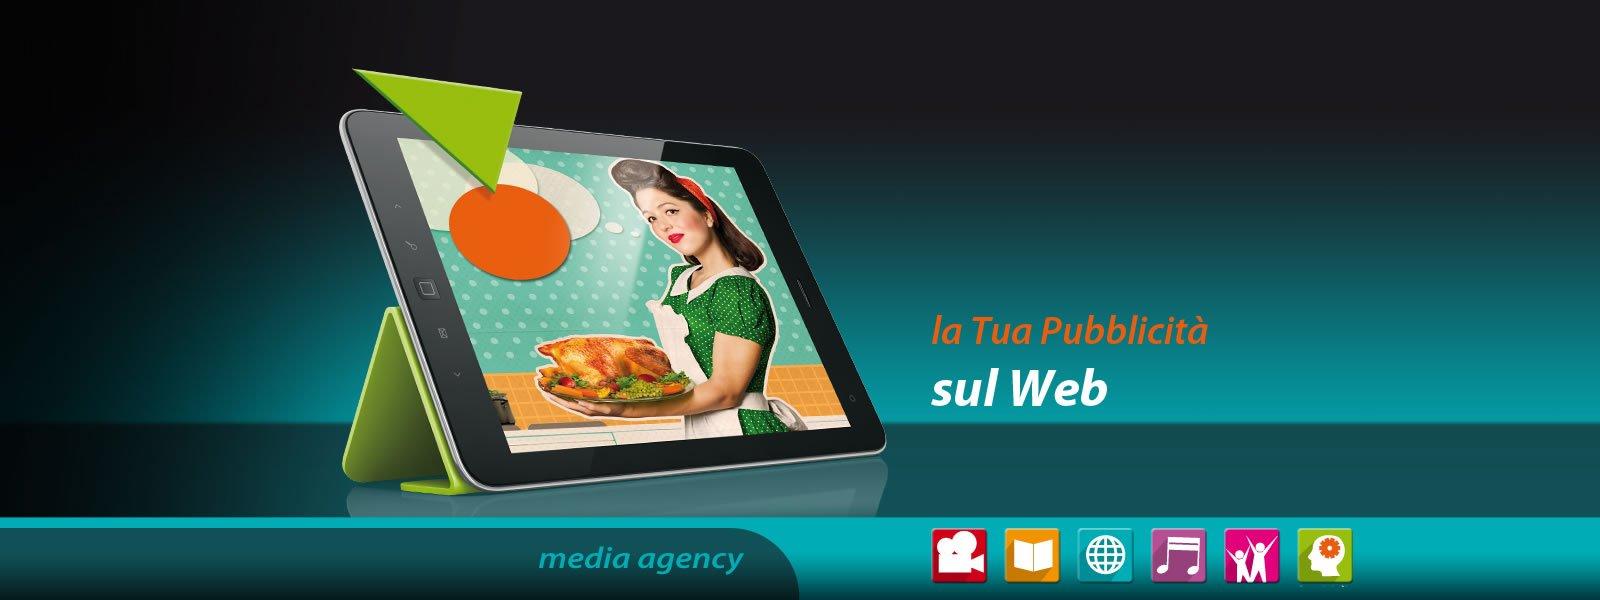 Publimedia Italia la pubblicità sul web